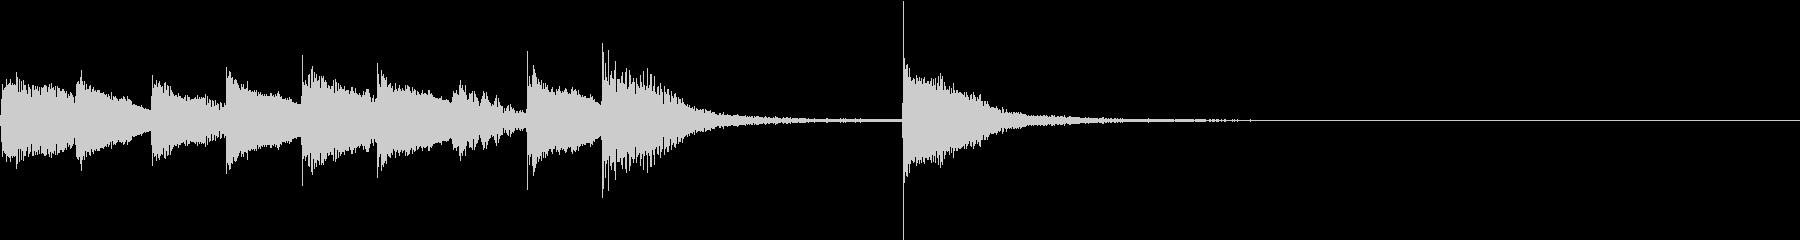 ピアノジングル 幼児向けアニメ系C-02の未再生の波形